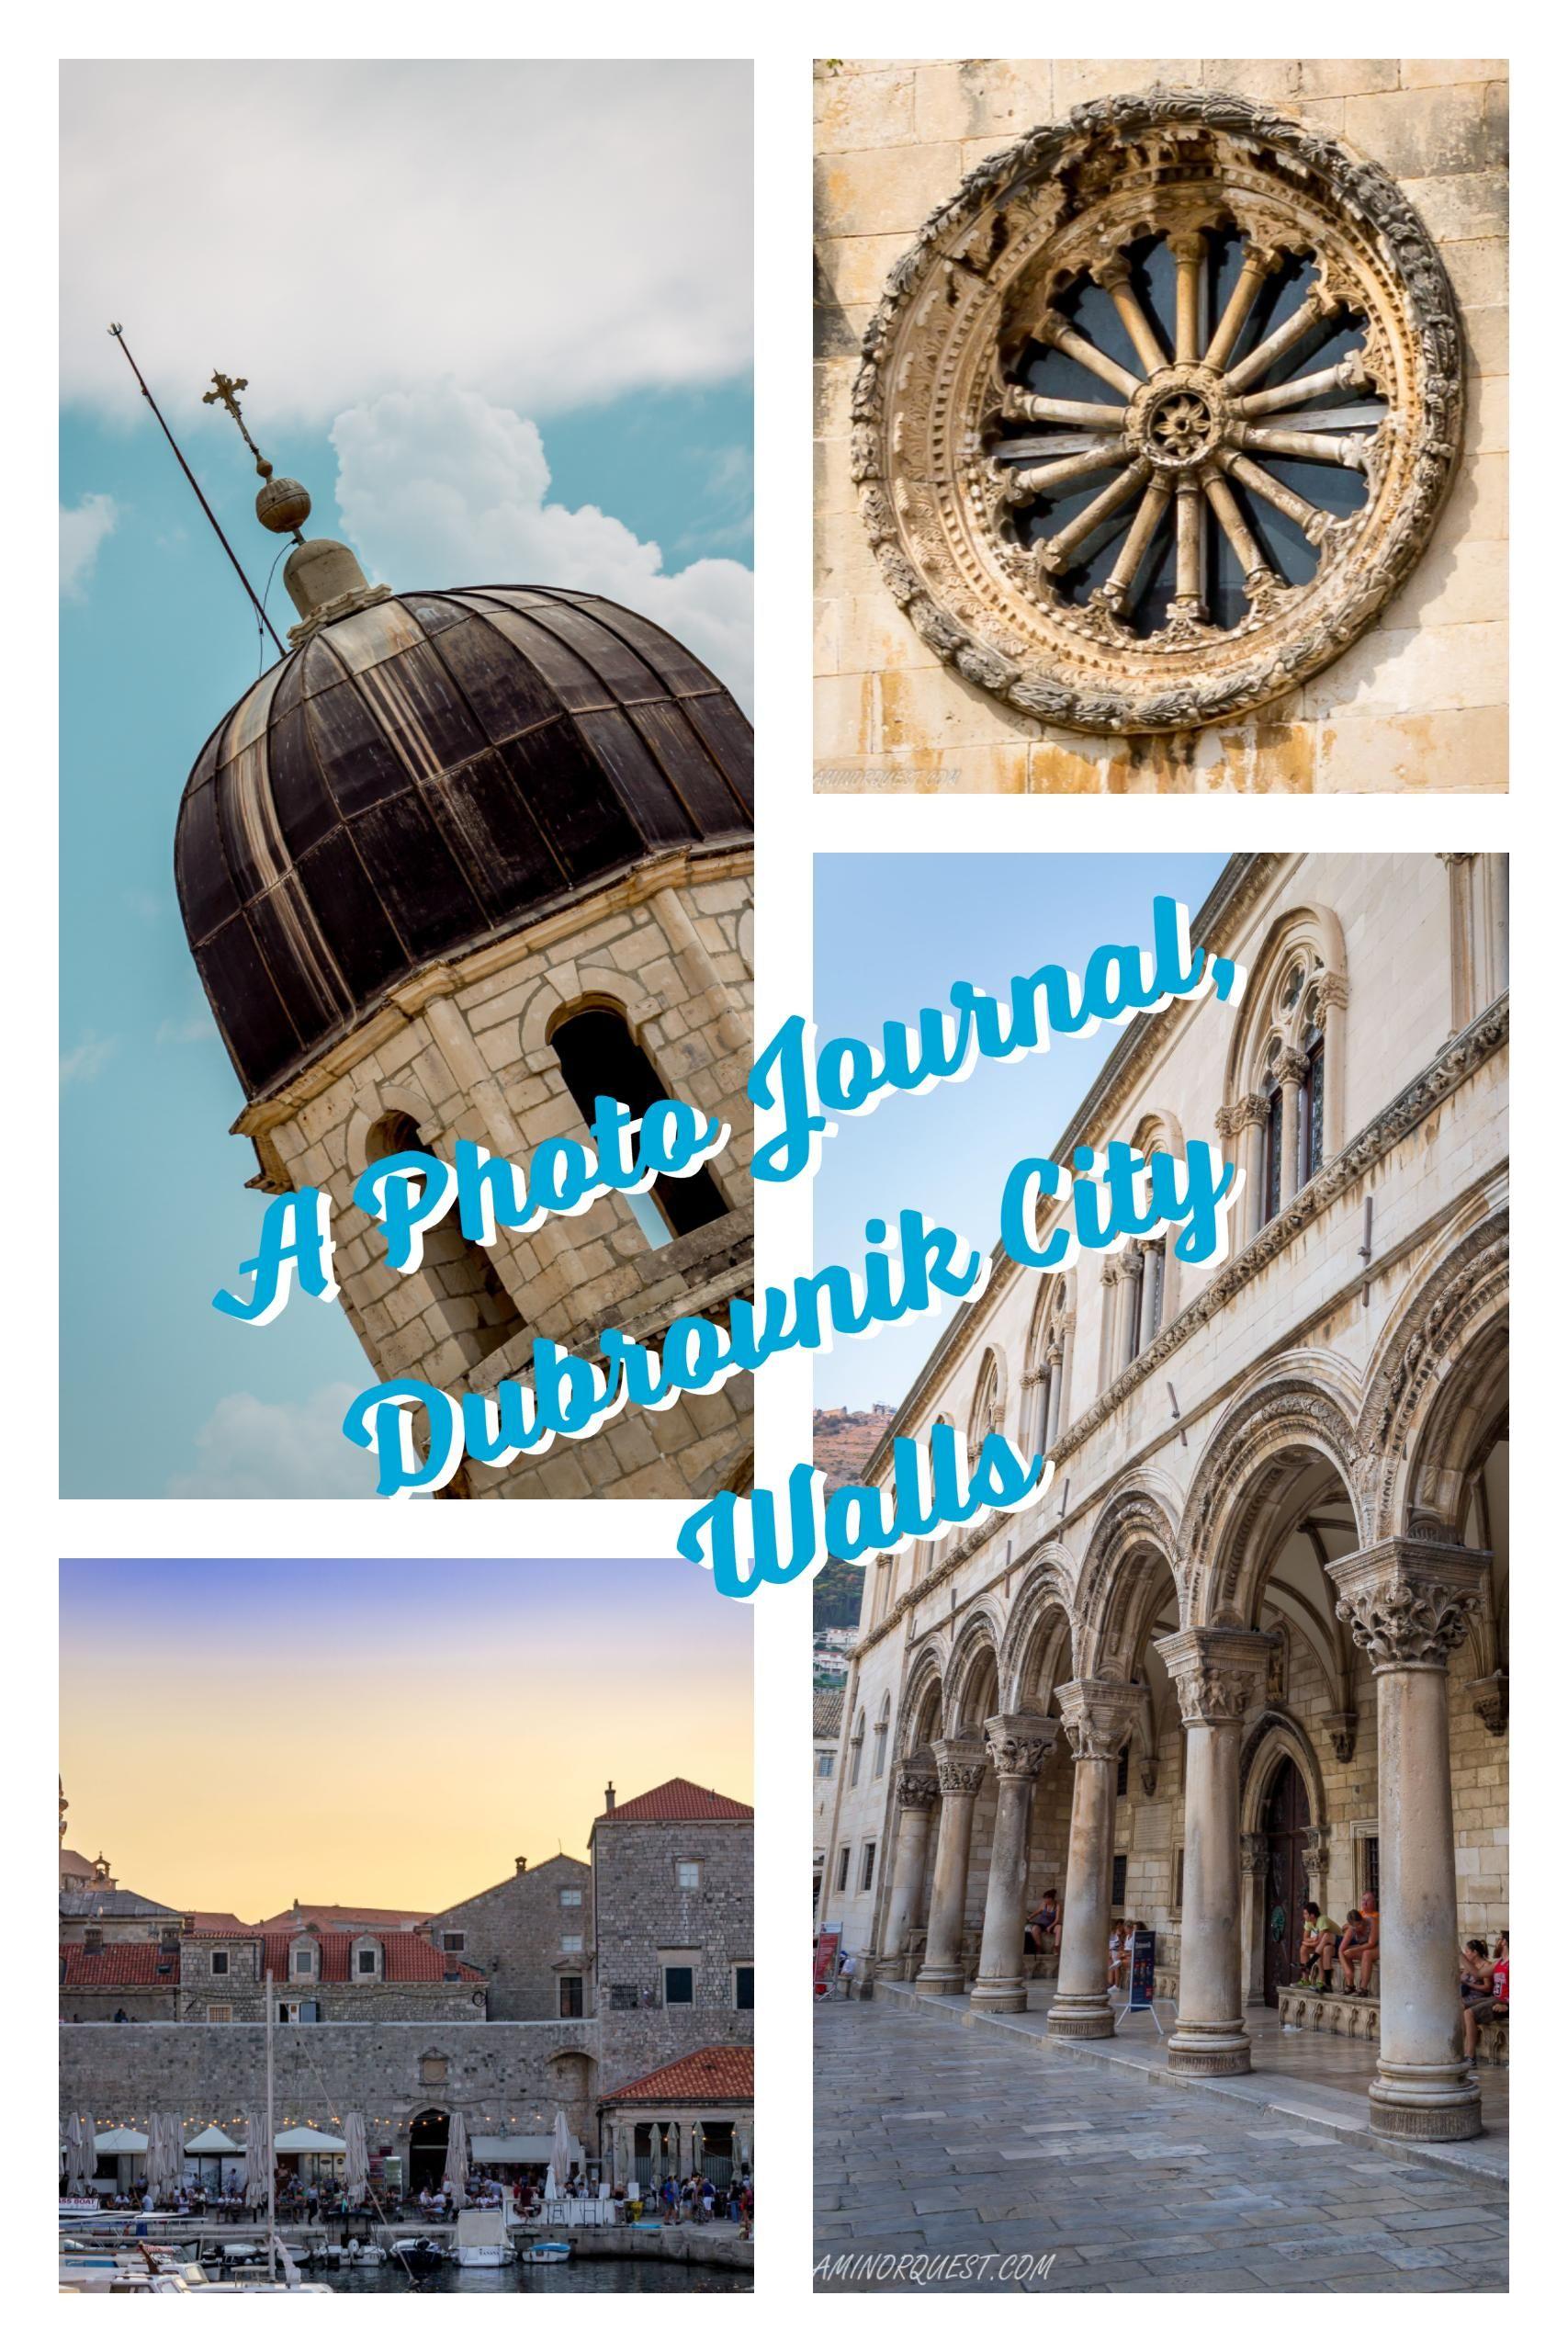 Dubrovnik, croatia unique perspective inside the city walls. www.aminorquest.com